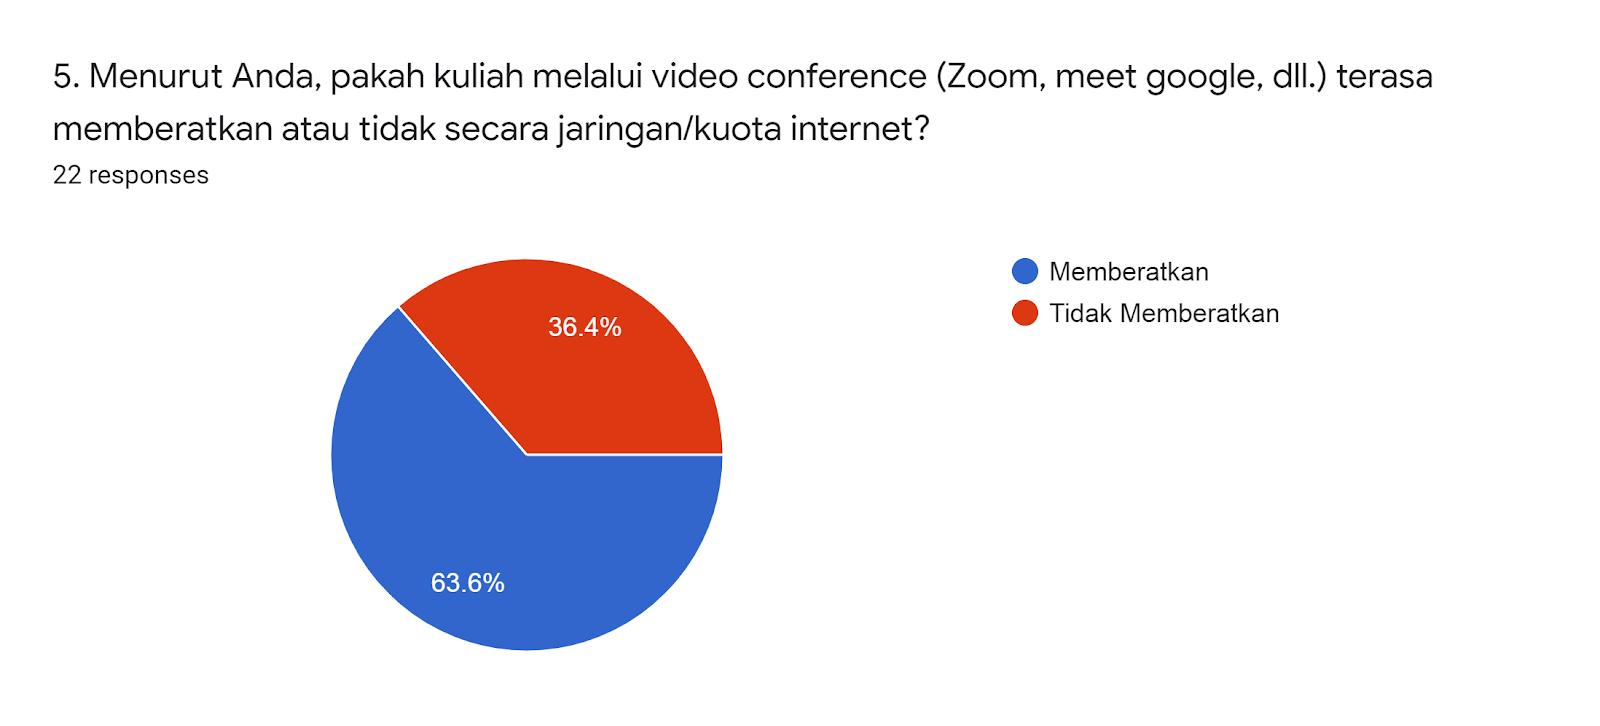 Forms response chart. Question title: 5. Menurut Anda, pakah kuliah melalui video conference (Zoom, meet google, dll.) terasa memberatkan atau tidak secara jaringan/kuota internet?. Number of responses: 22 responses.